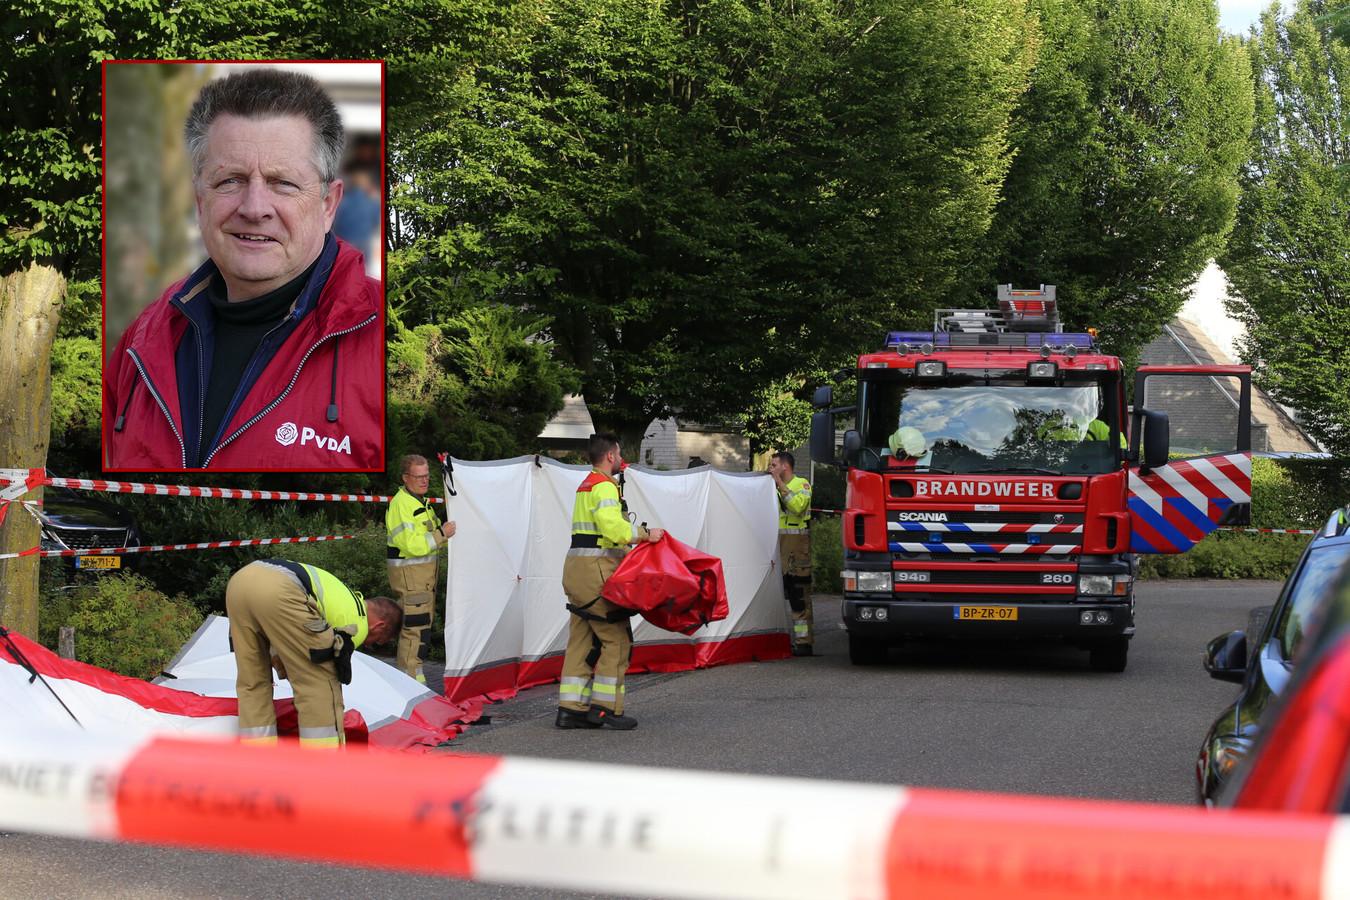 Jack de Vlieger, de fractievoorzitter van de lokale PvdA-fractie, werd zaterdagavond dood in zijn huis gevonden.